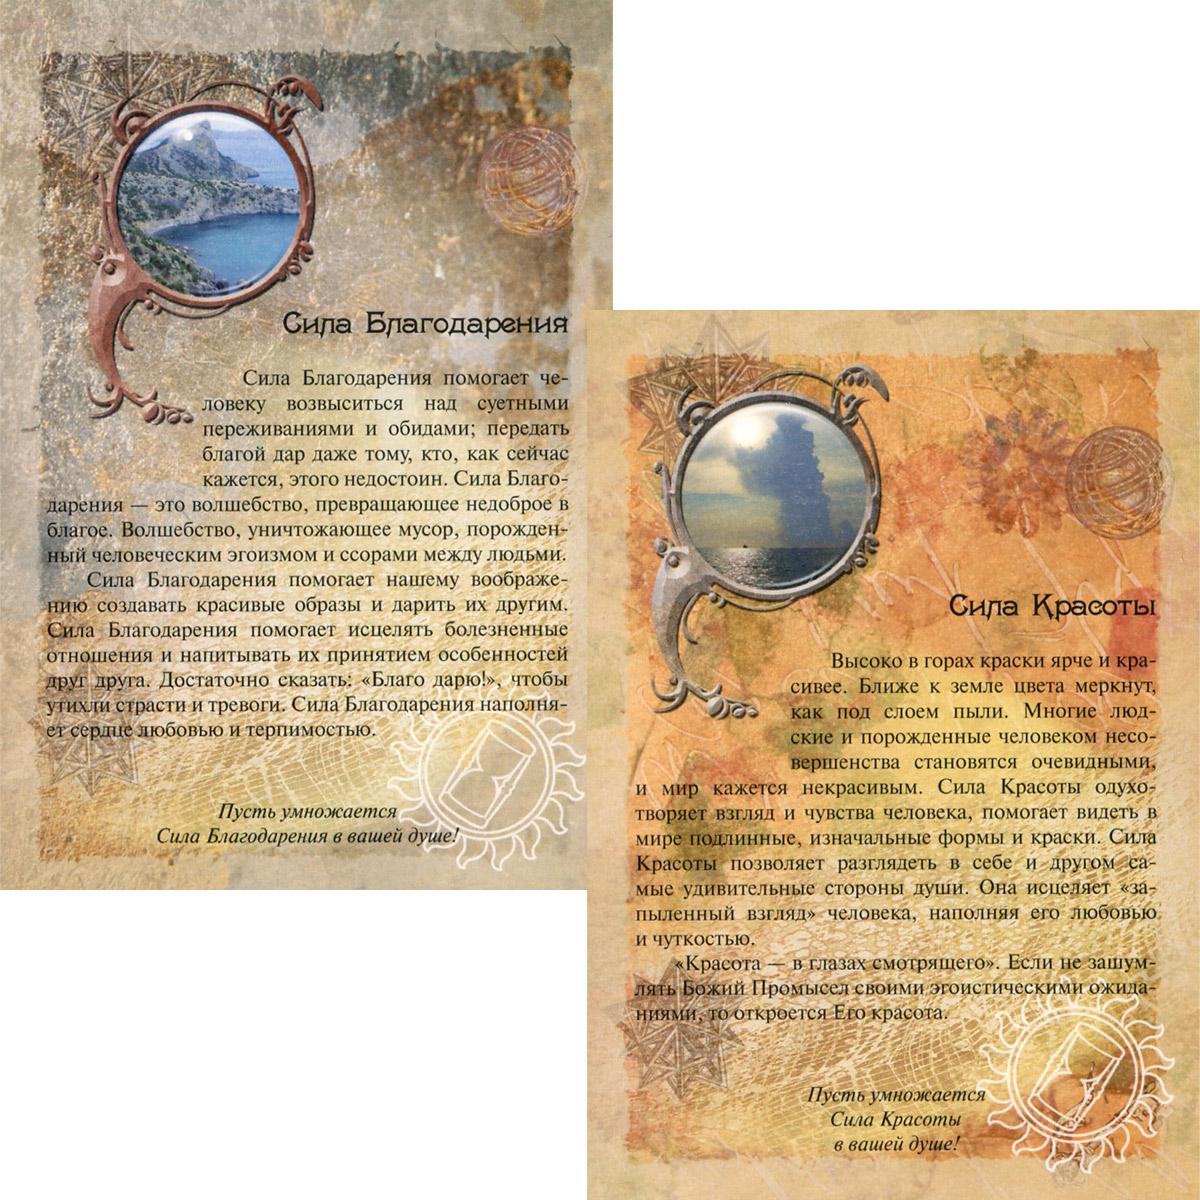 Сокровищница жизненных сил (набор из 25 карточек), Татьяна Зинкевич-Евстигнеева